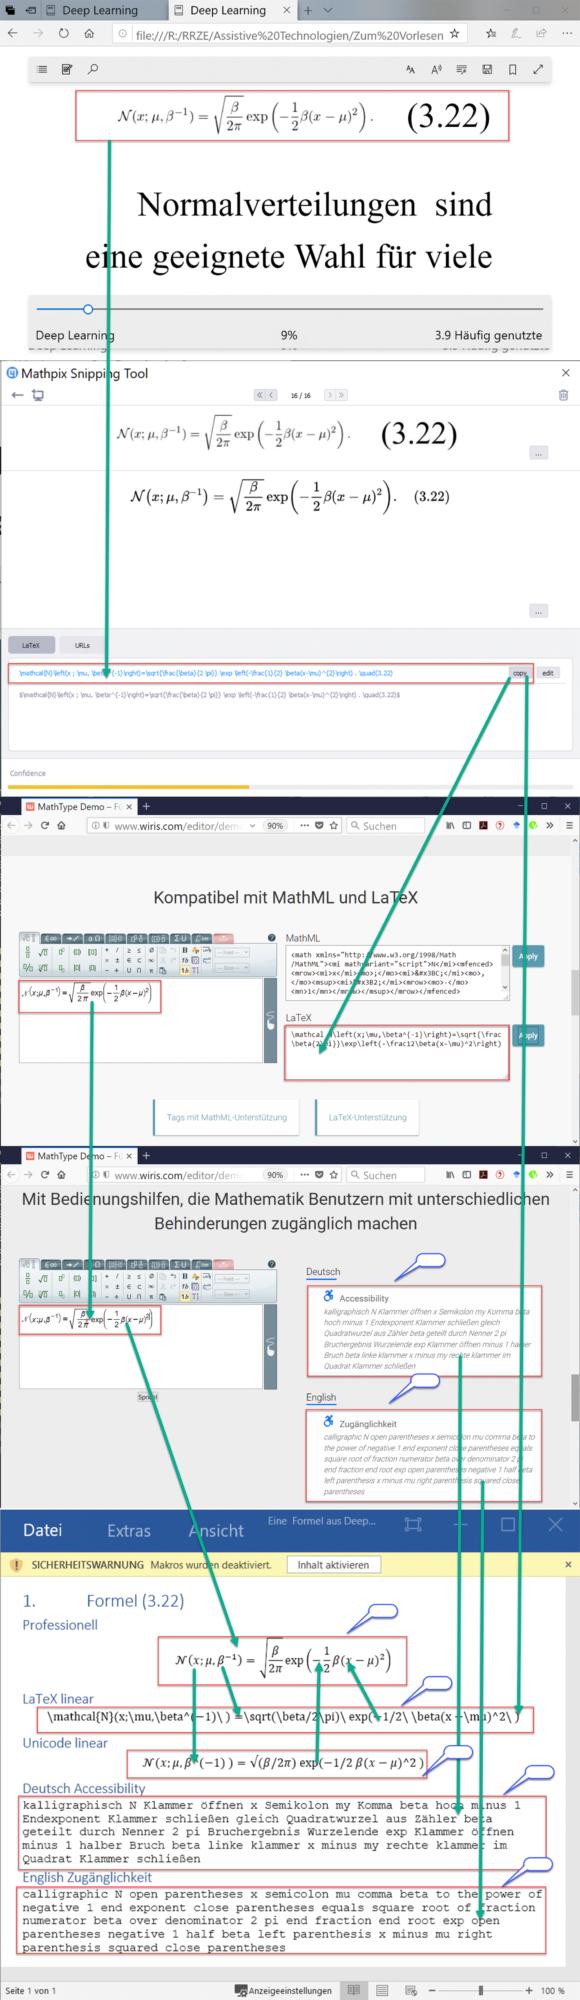 Workflow: Mathematische Formeln vorlesen, erstellen und zugänglich machen